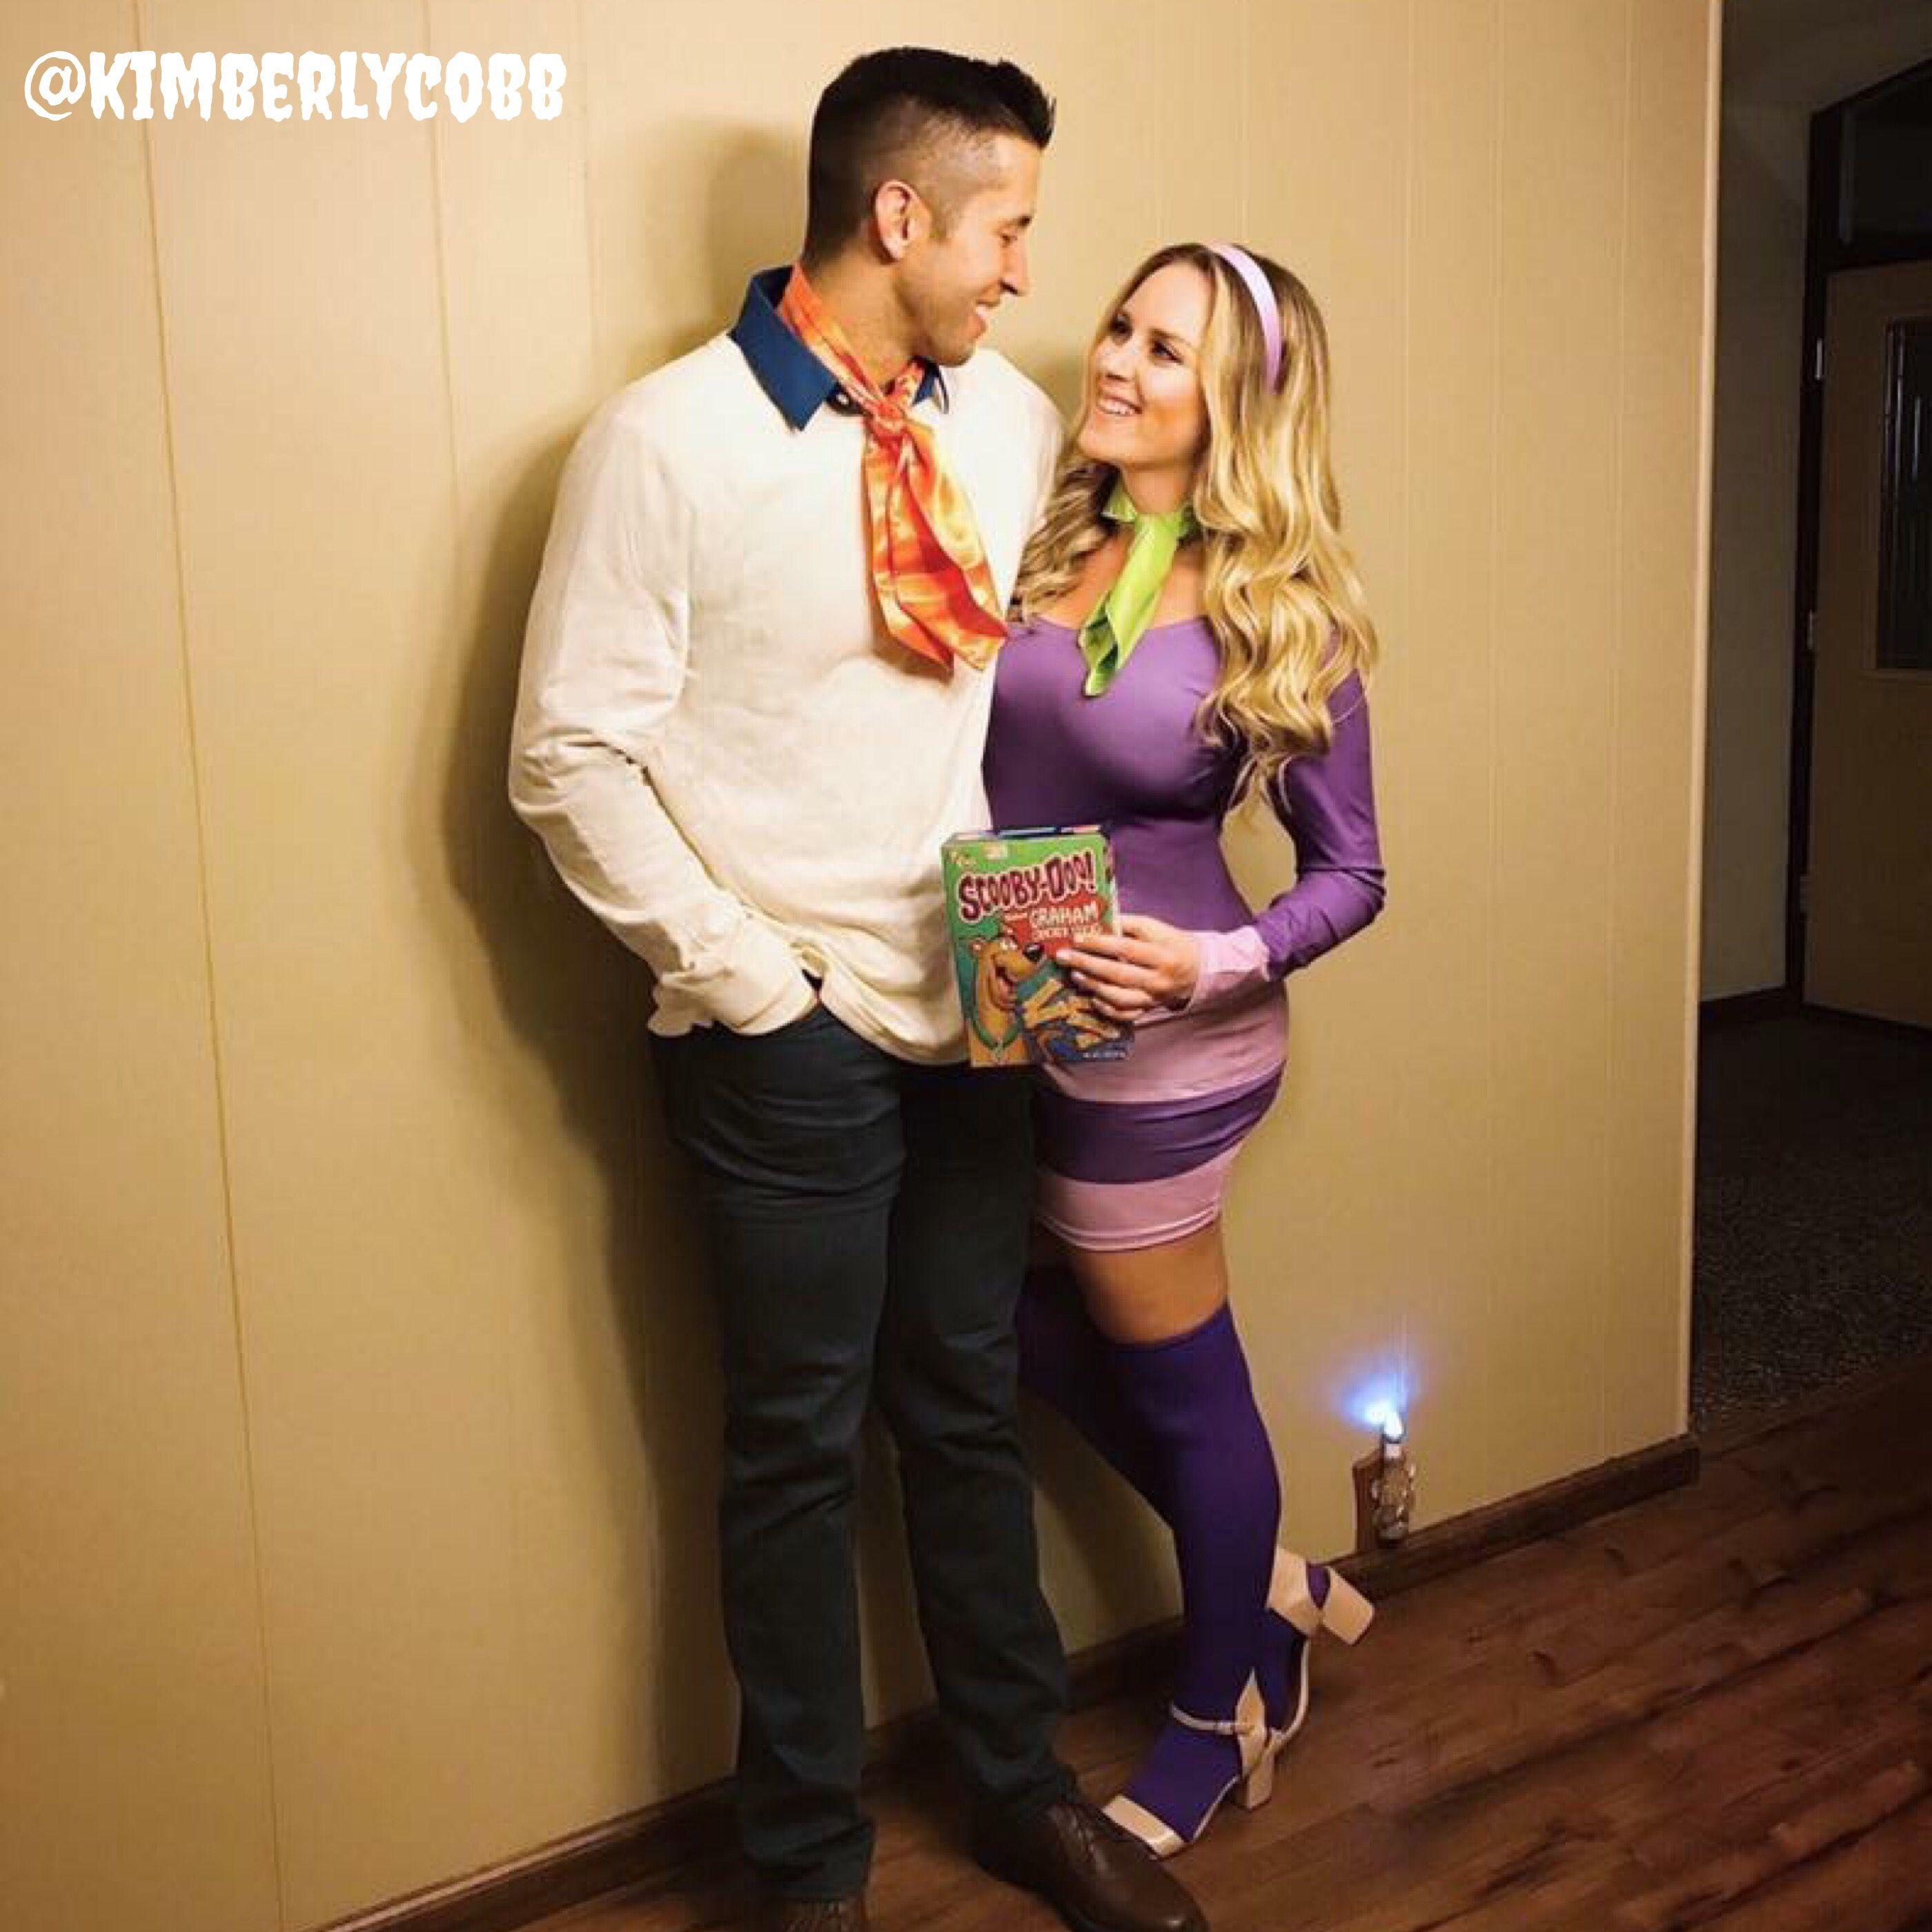 Ig kimberlycobb creative couple halloween costume